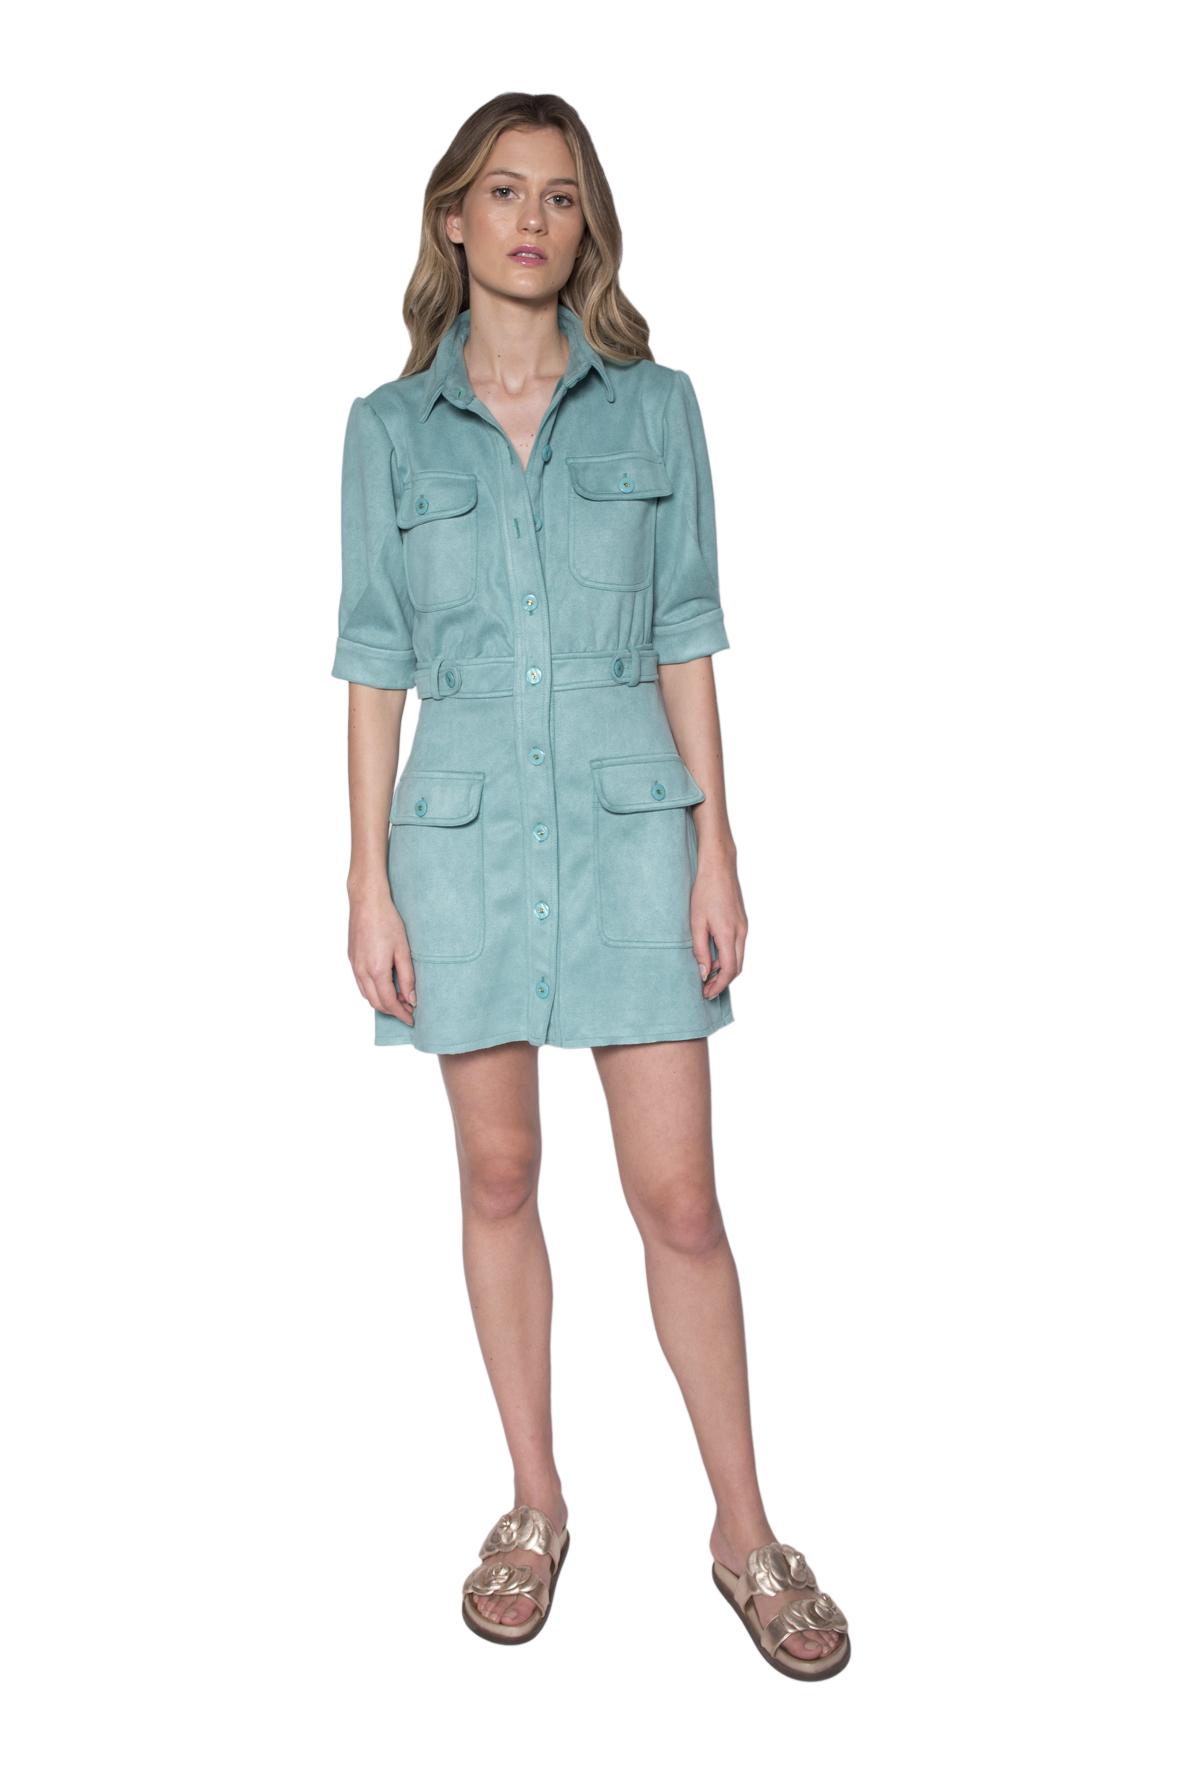 Tee Match - vestido mini suede aquamarine